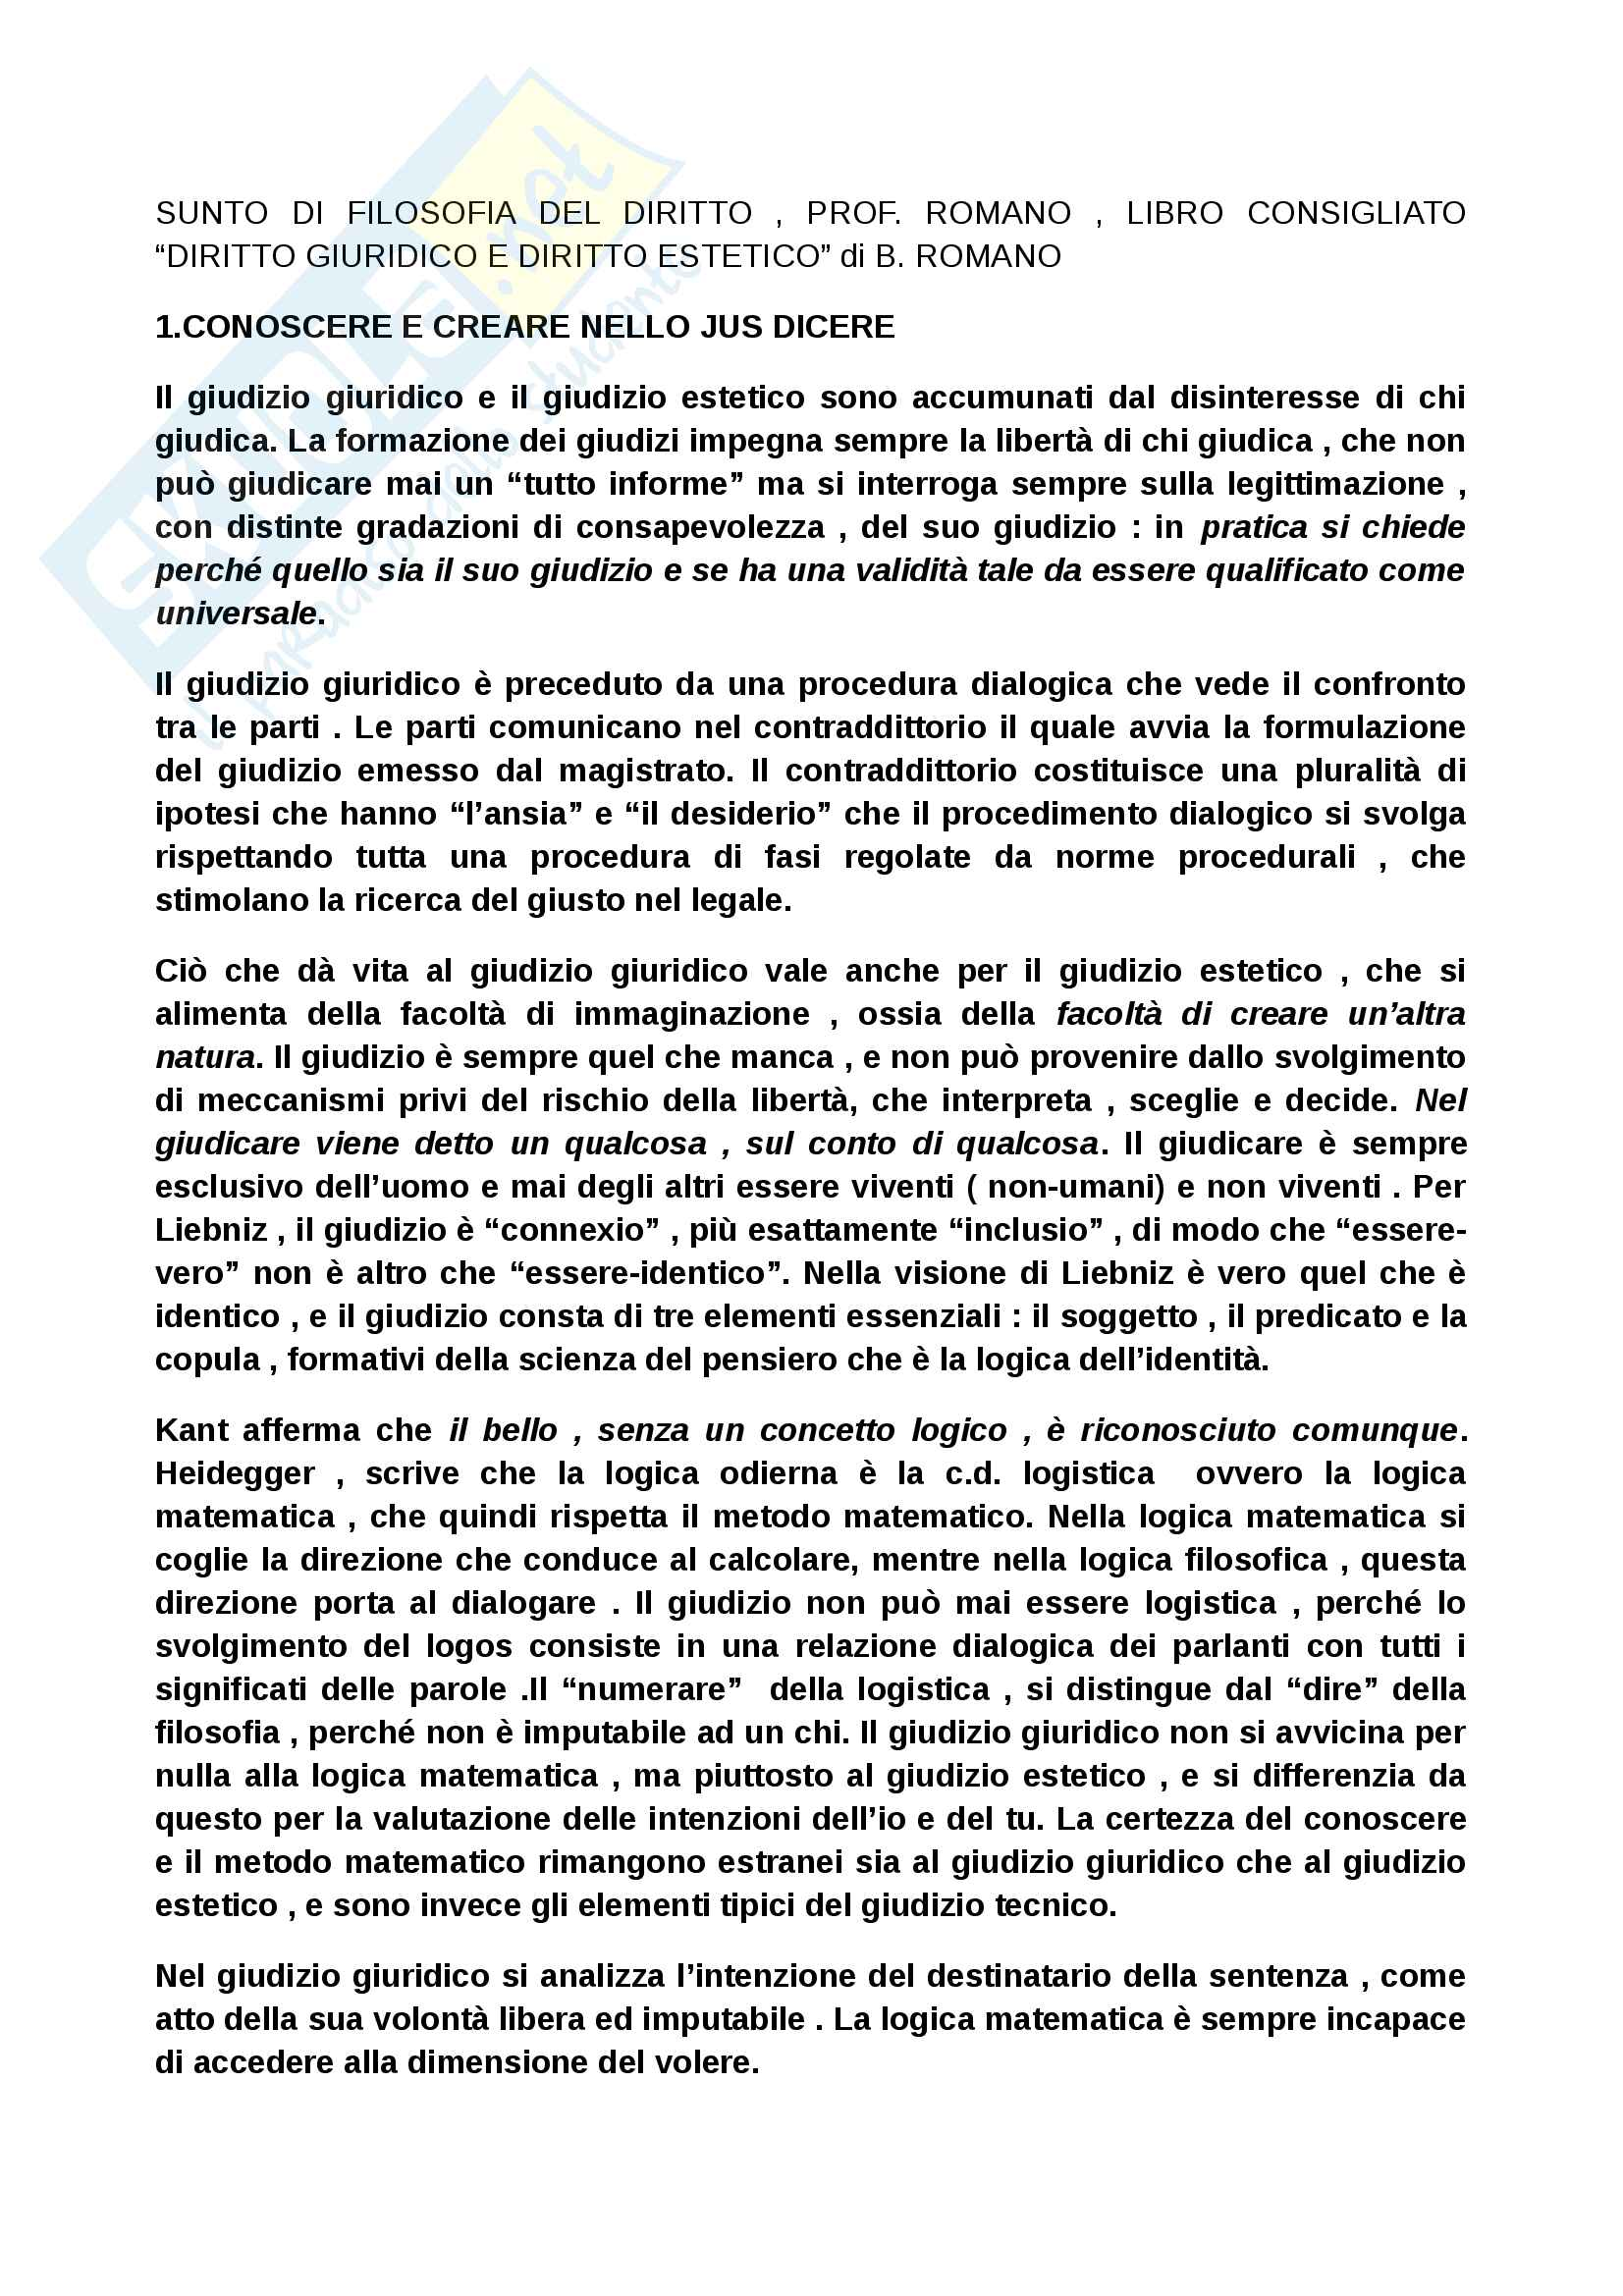 """Riassunto esame Filosofia del diritto, Prof. Romano, Libro consigliato """"Diritto giuridico e diritto estetico di B. Romano"""